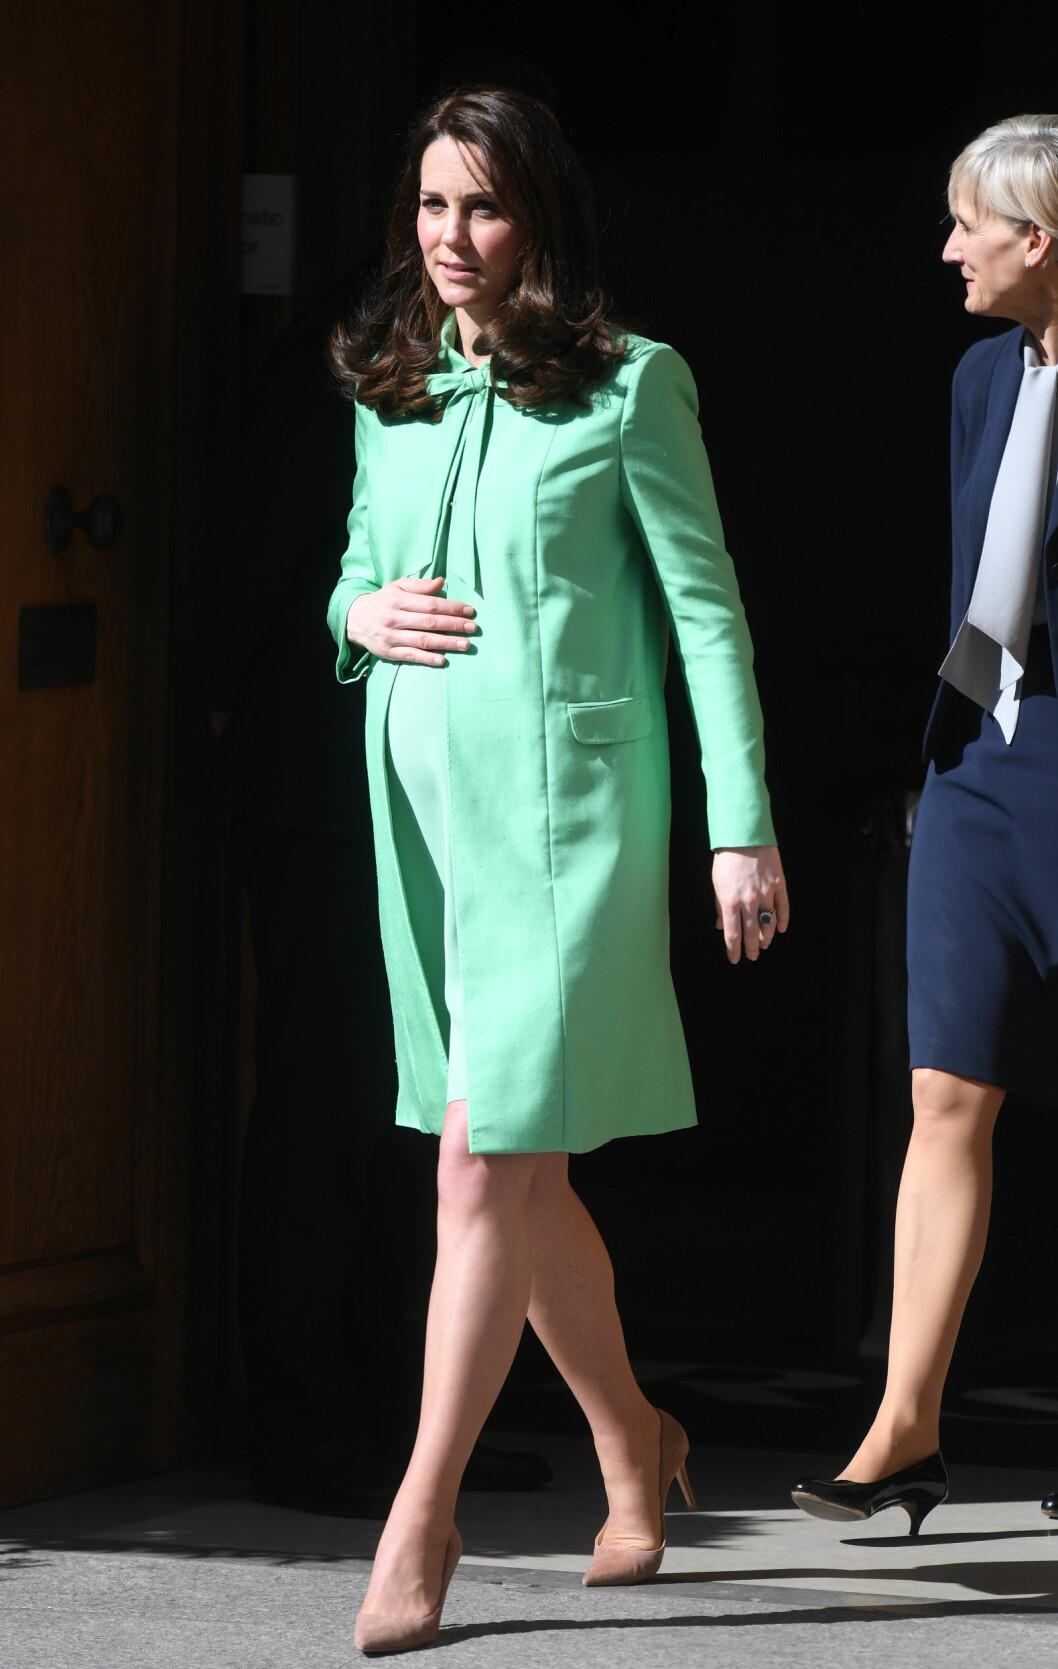 STRØK SEG PÅ MAGEN: Høygravide hertuginne Kate på vei ut av et arrangement på Royal Society of Medicine i London 21. mars. Foto: NTB Scanpix